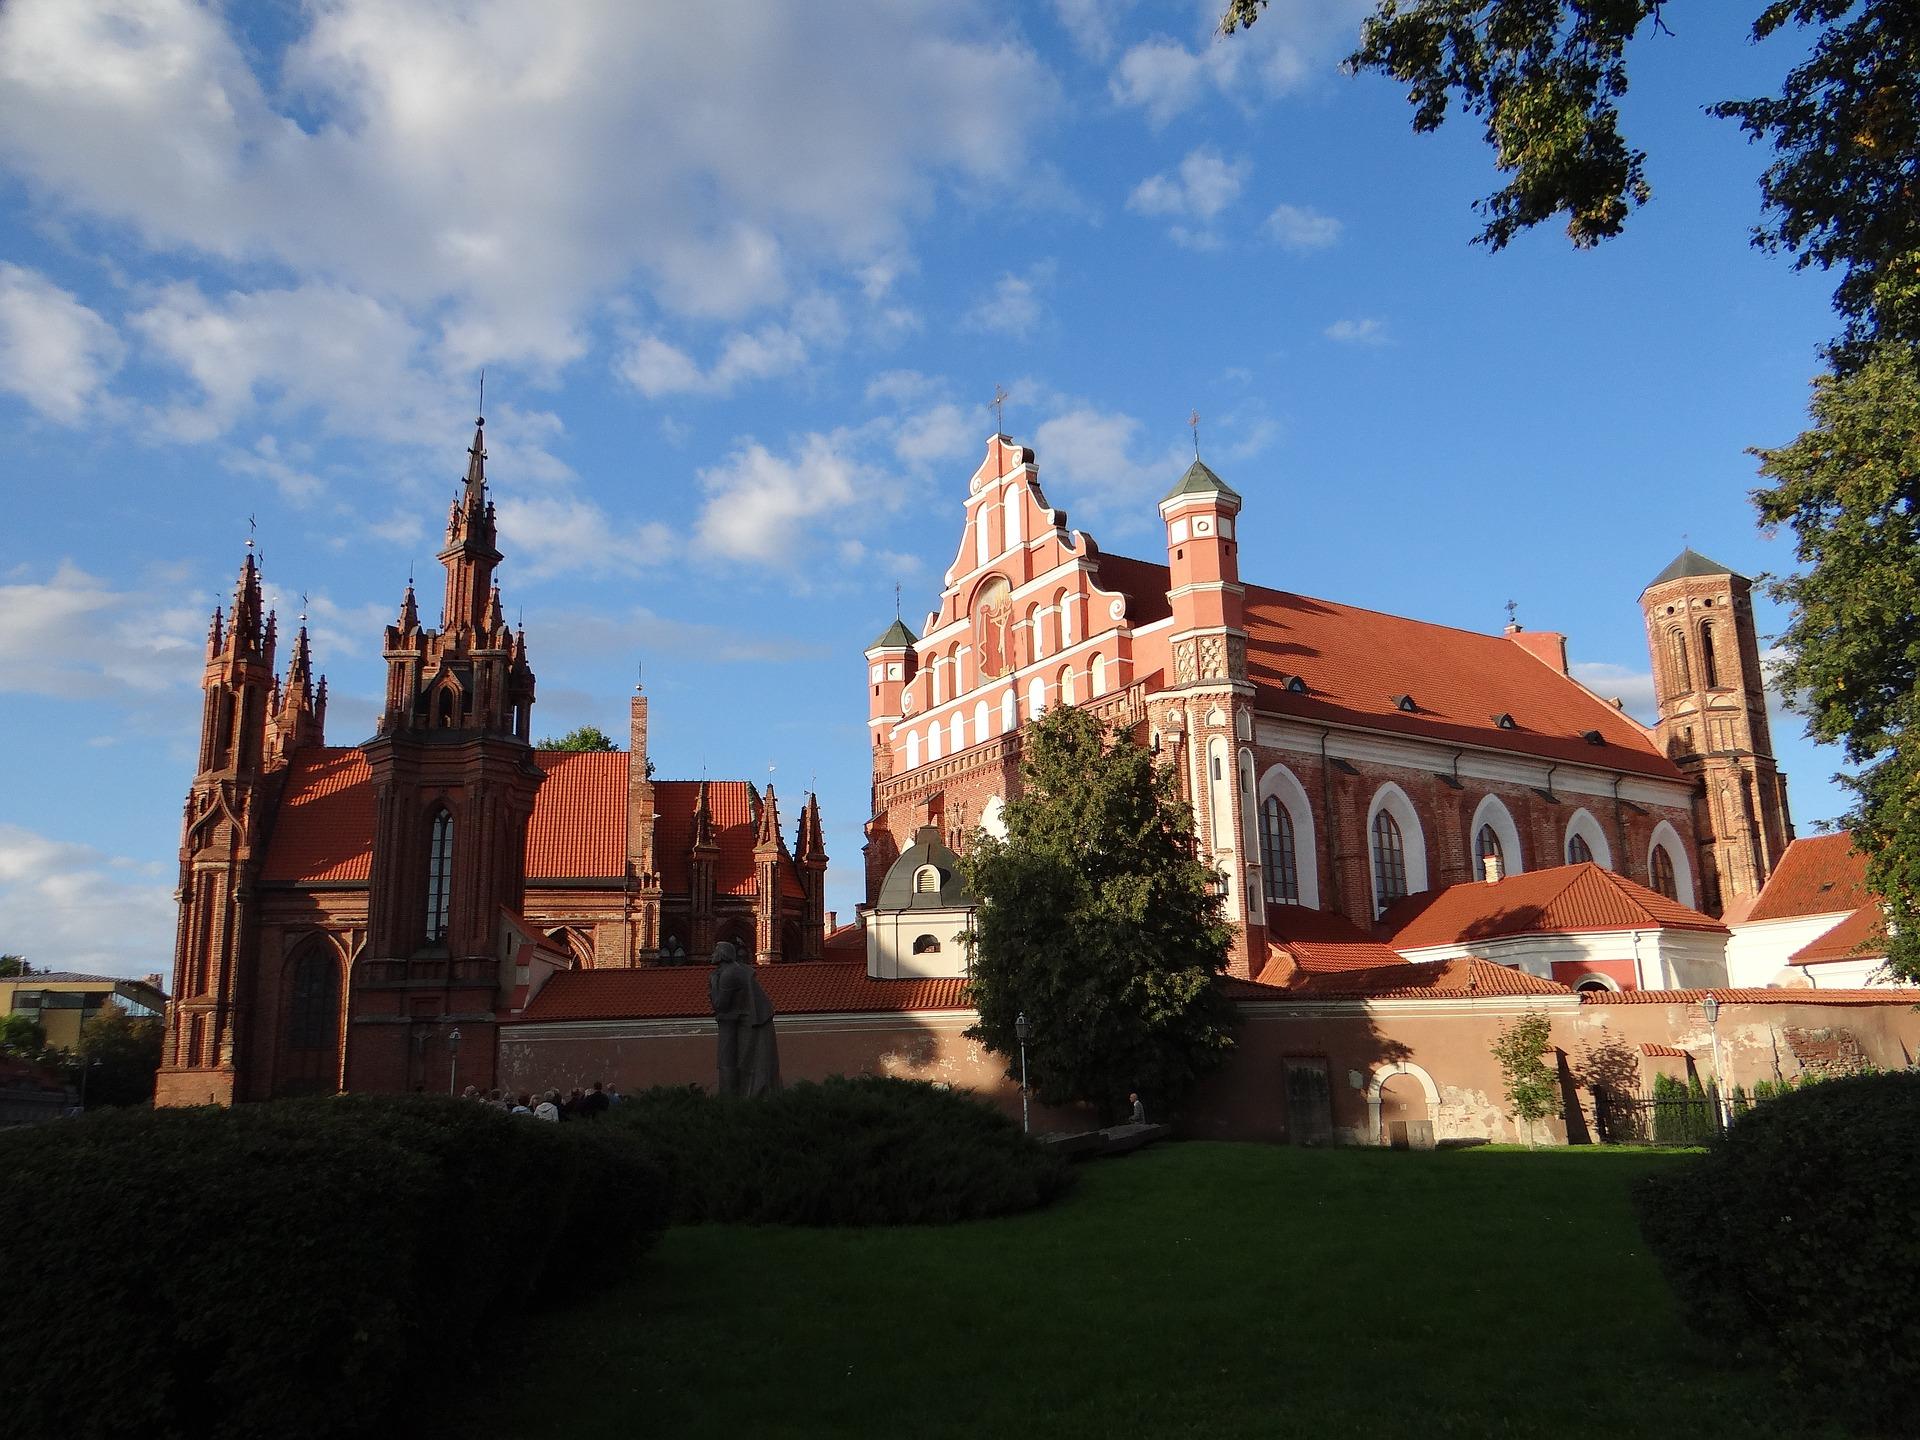 Städtereise nach Vilnius , Litauen 2 Nächte ab 48,48€ - Flug & Hotel Kirche